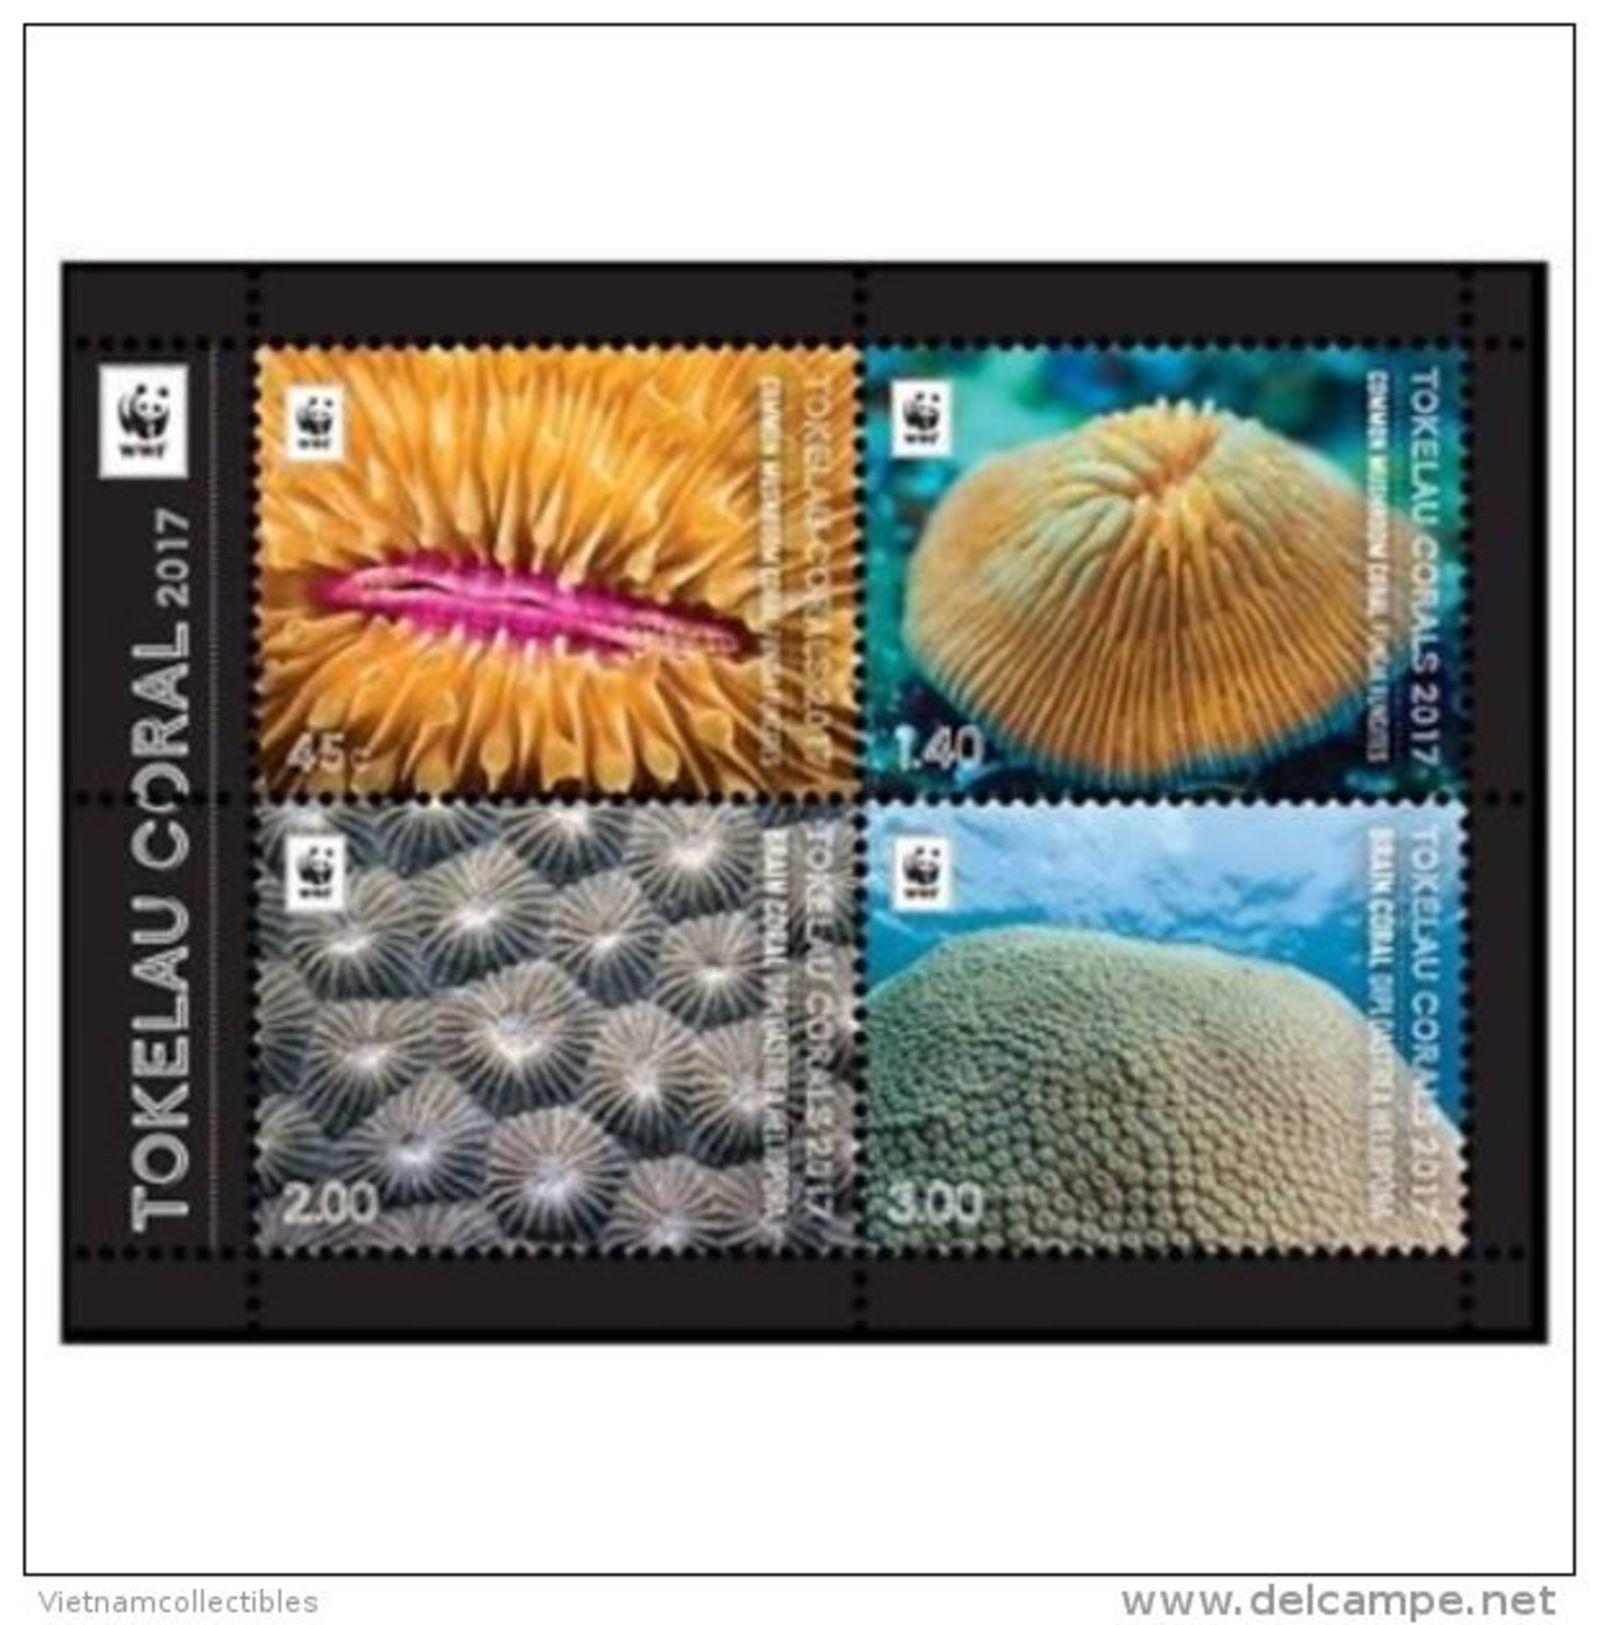 WWF W.W.F. Tokelau MNH Perf Souvenir Sheet 2017 : Coral / Marirne Life - W.W.F.